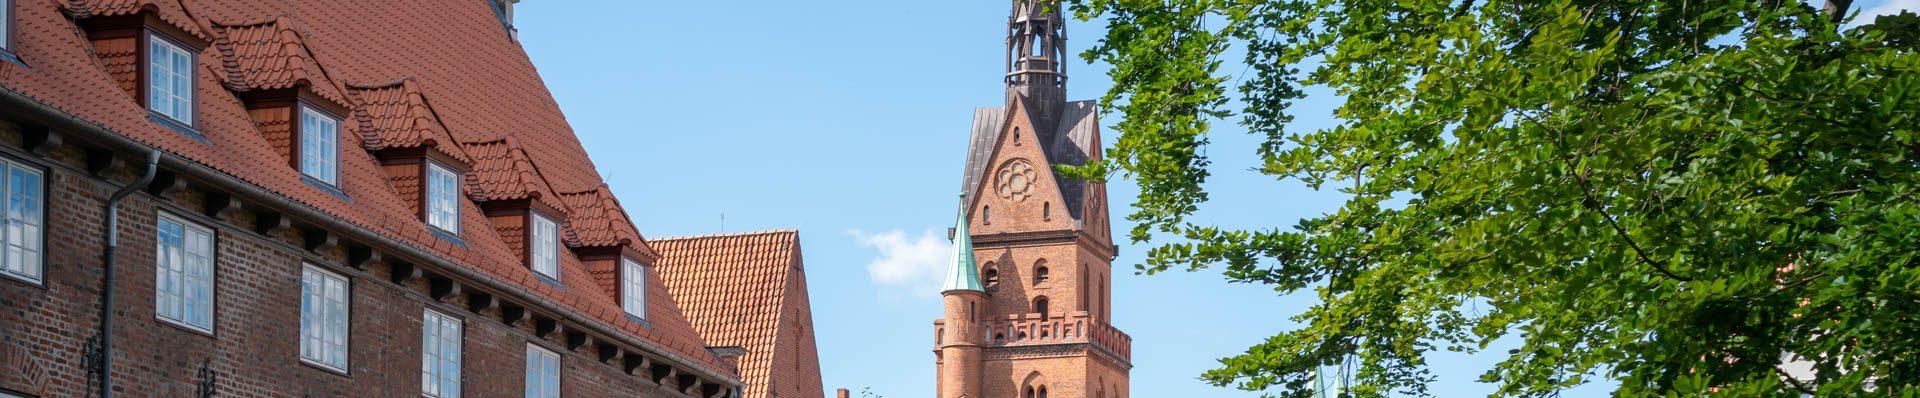 Kategorie: Schleswig-Holstein